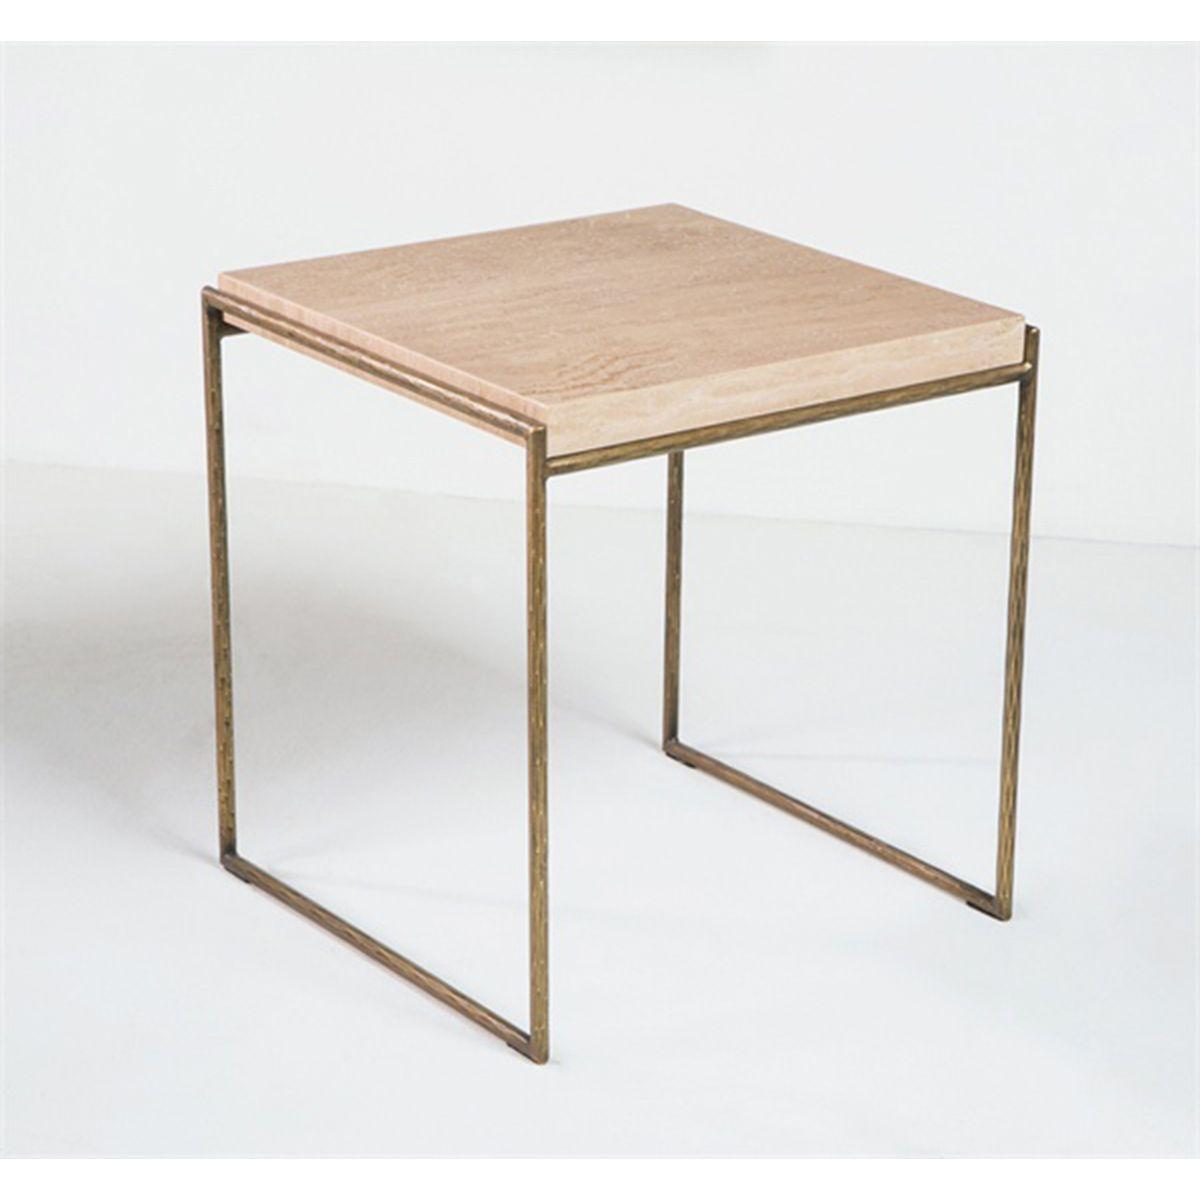 Interlude Home Mia Side Table - Travertine 158054